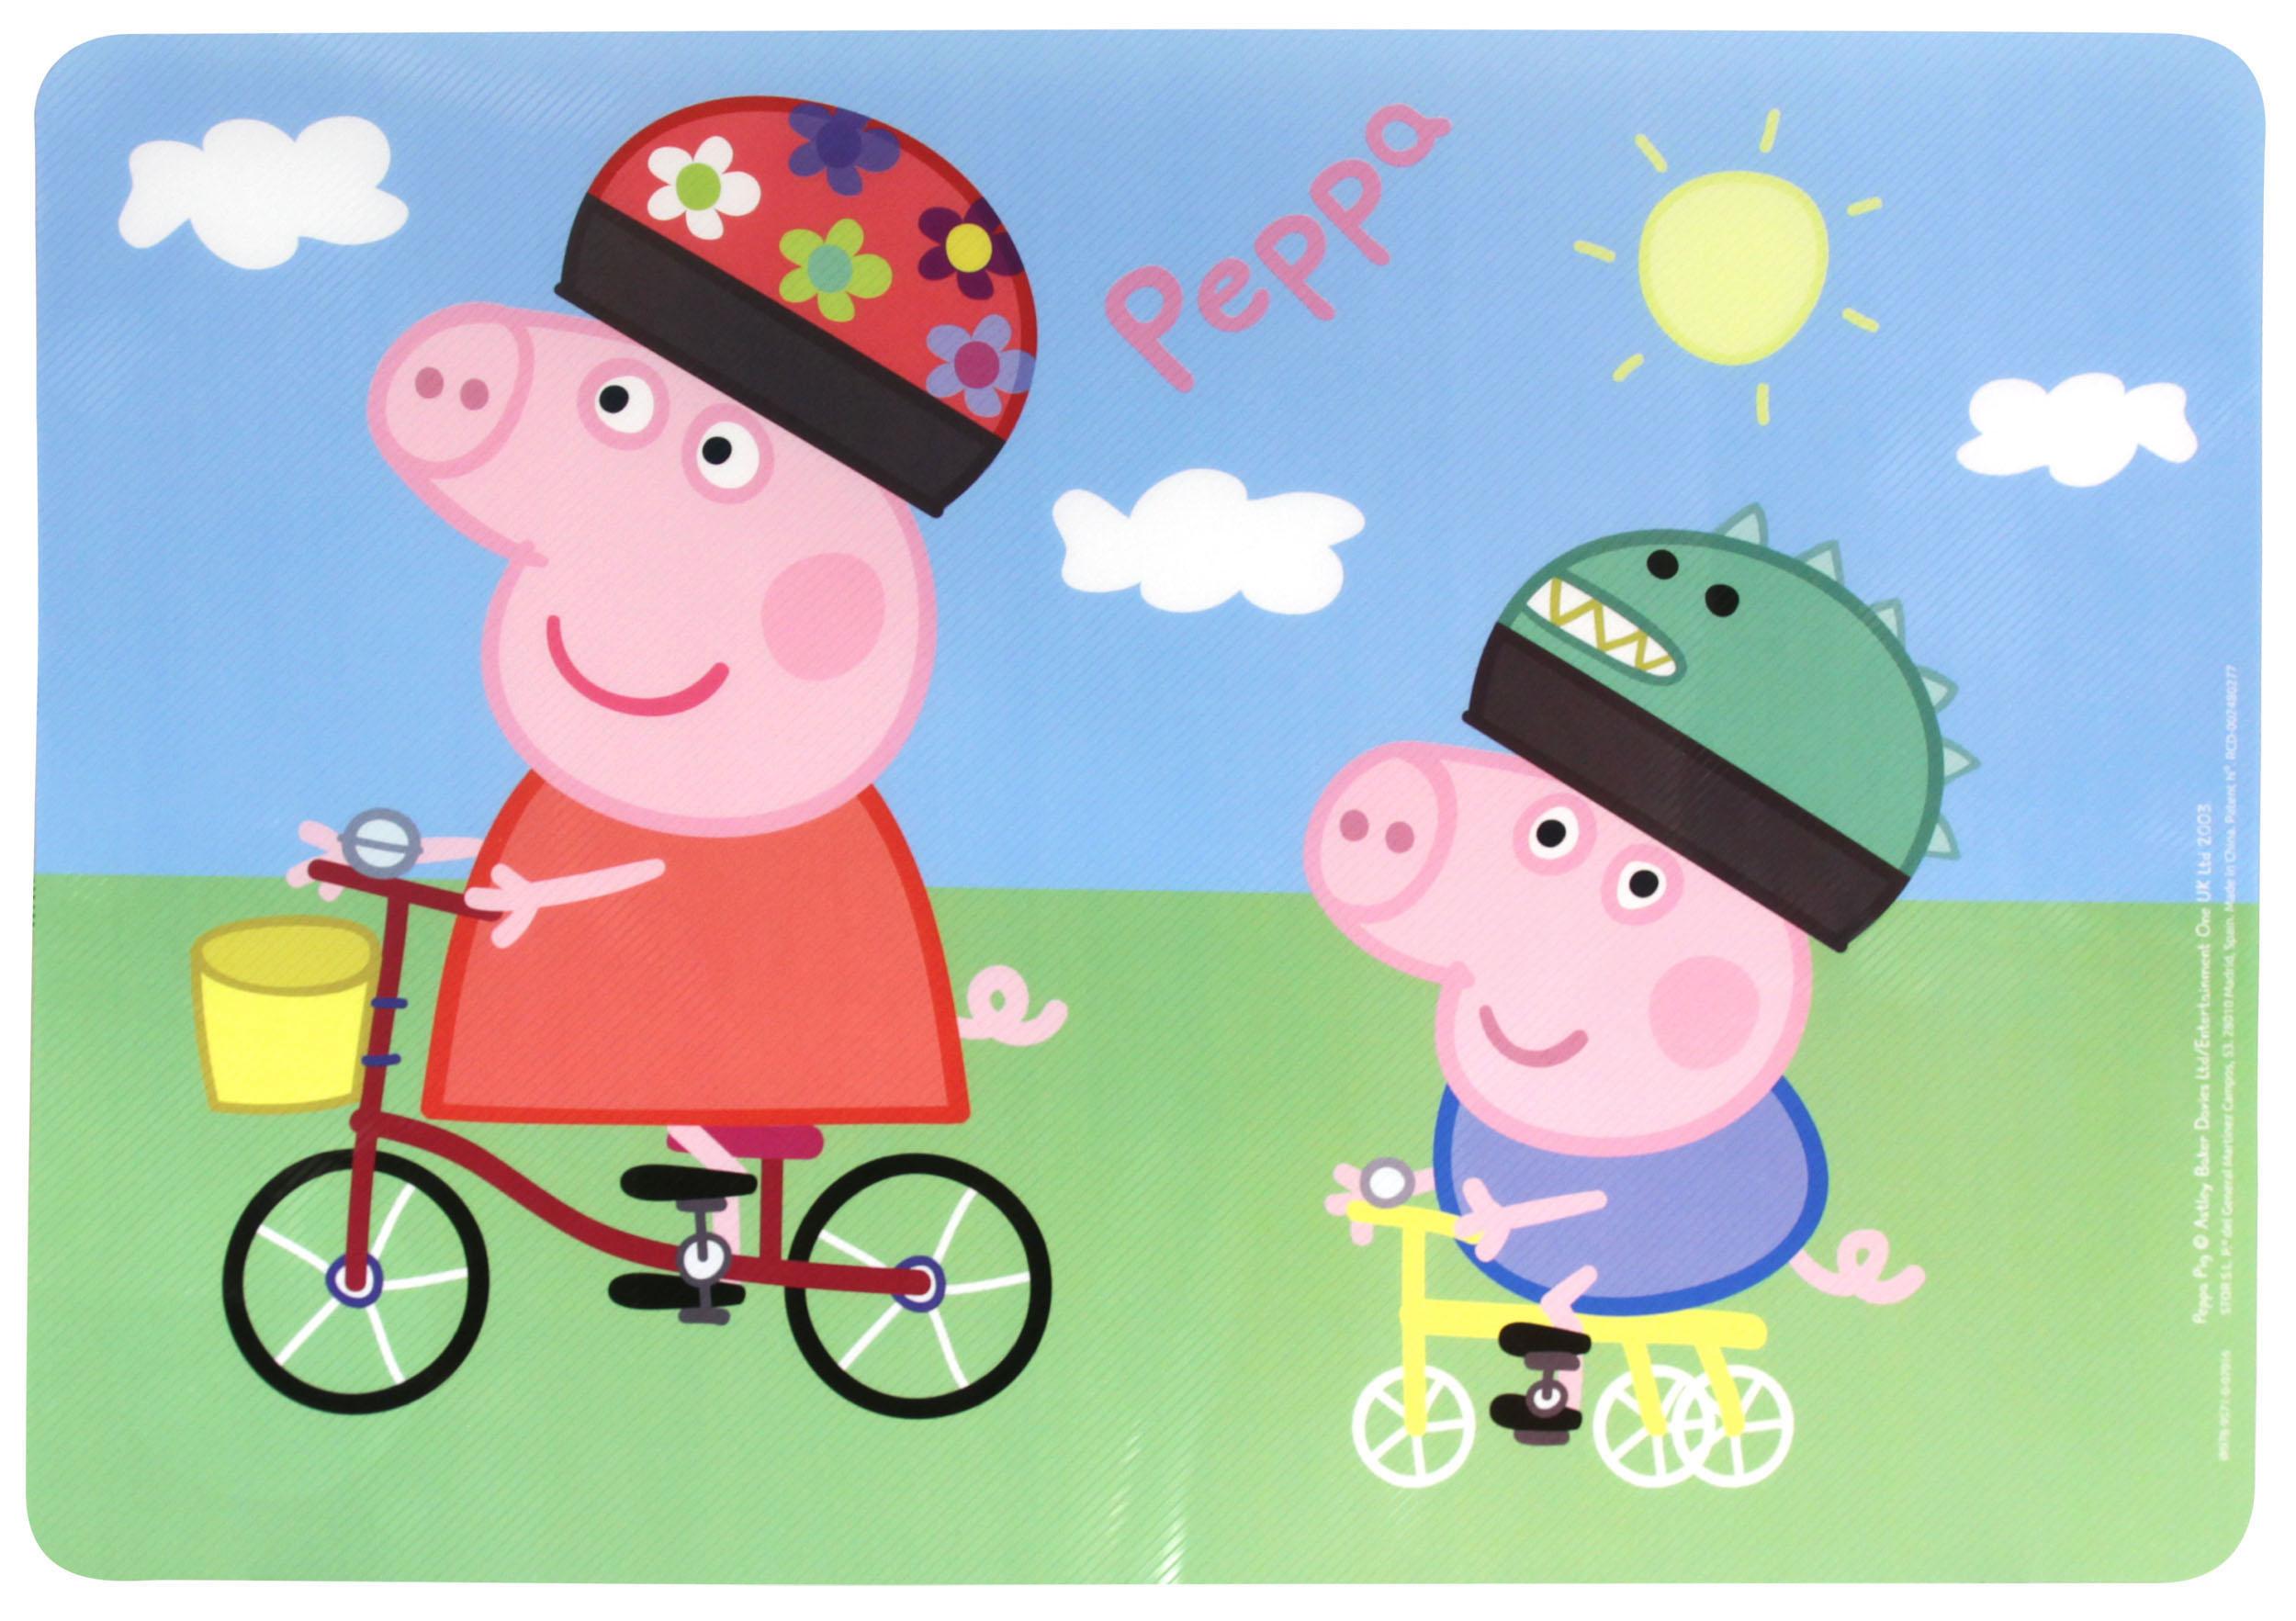 Napperon peppa pig club jouet achat de jeux et jouets - Fauteuil peppa pig jouet club ...